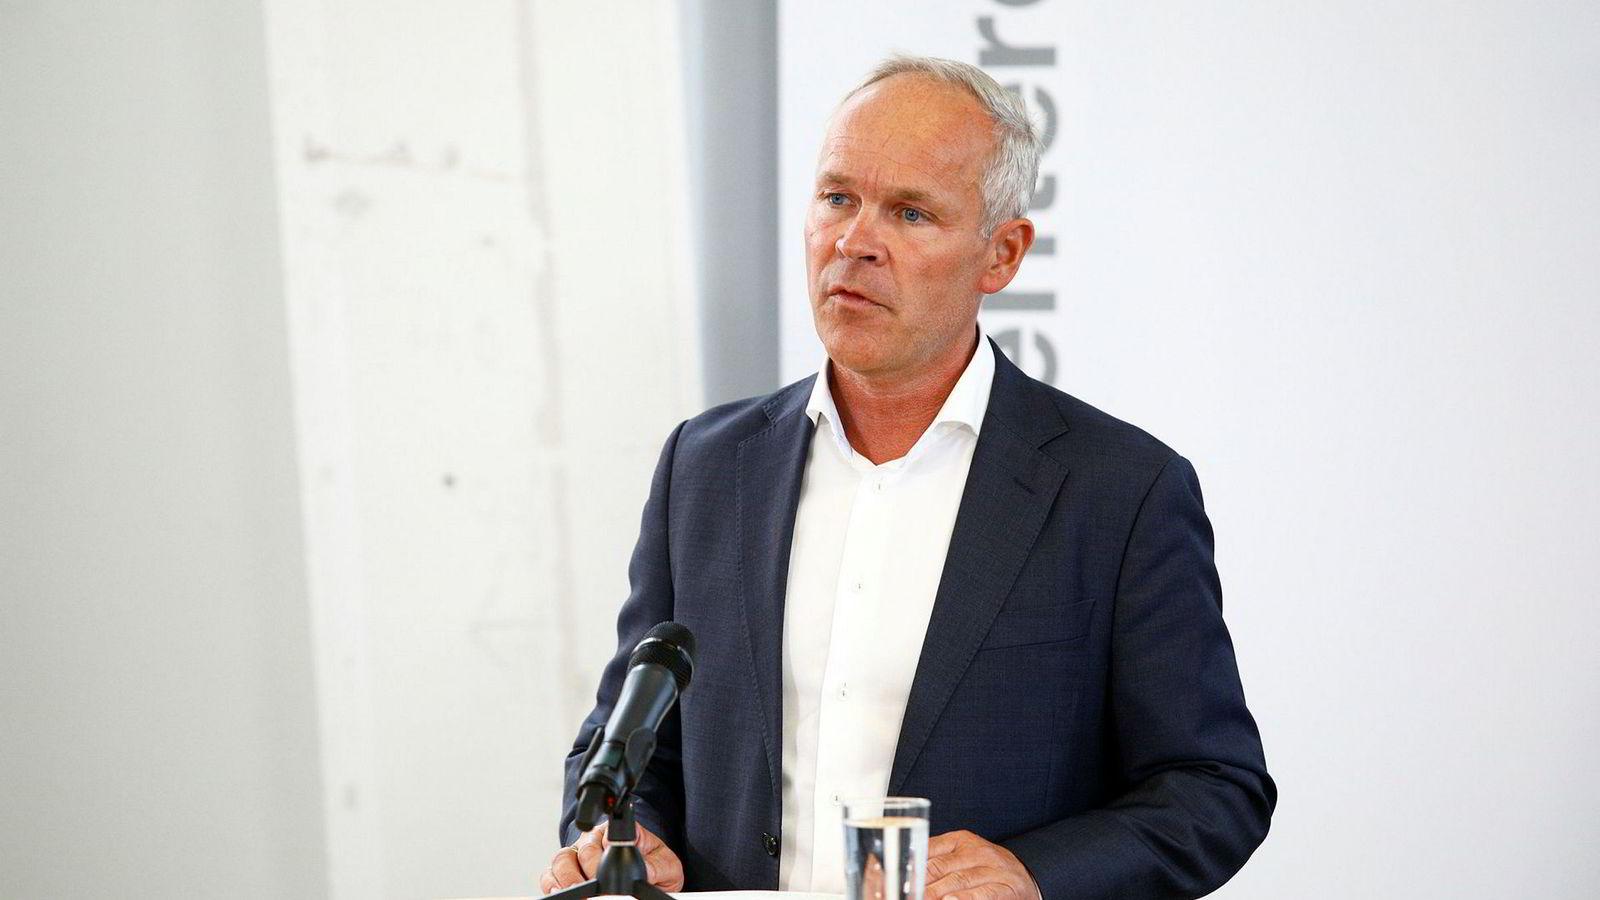 Kommunal- og moderniseringsminister Jan Tore Sanner (H) har langt igjen til målene enkelte nevner.